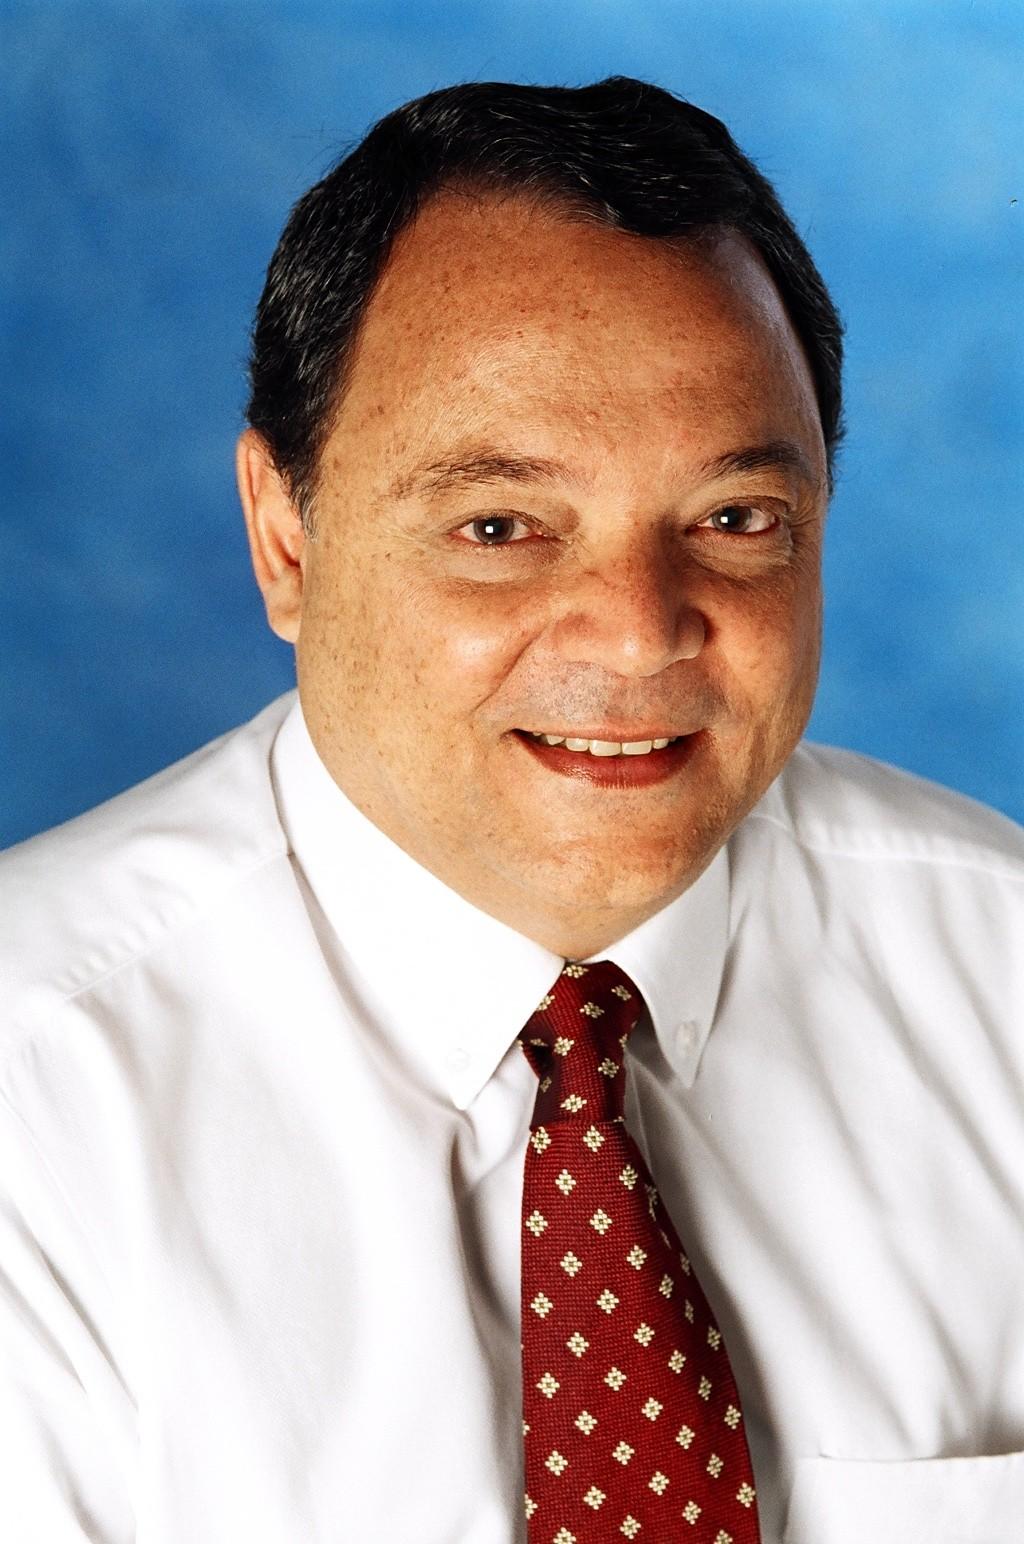 Fernando Antonio da Silva